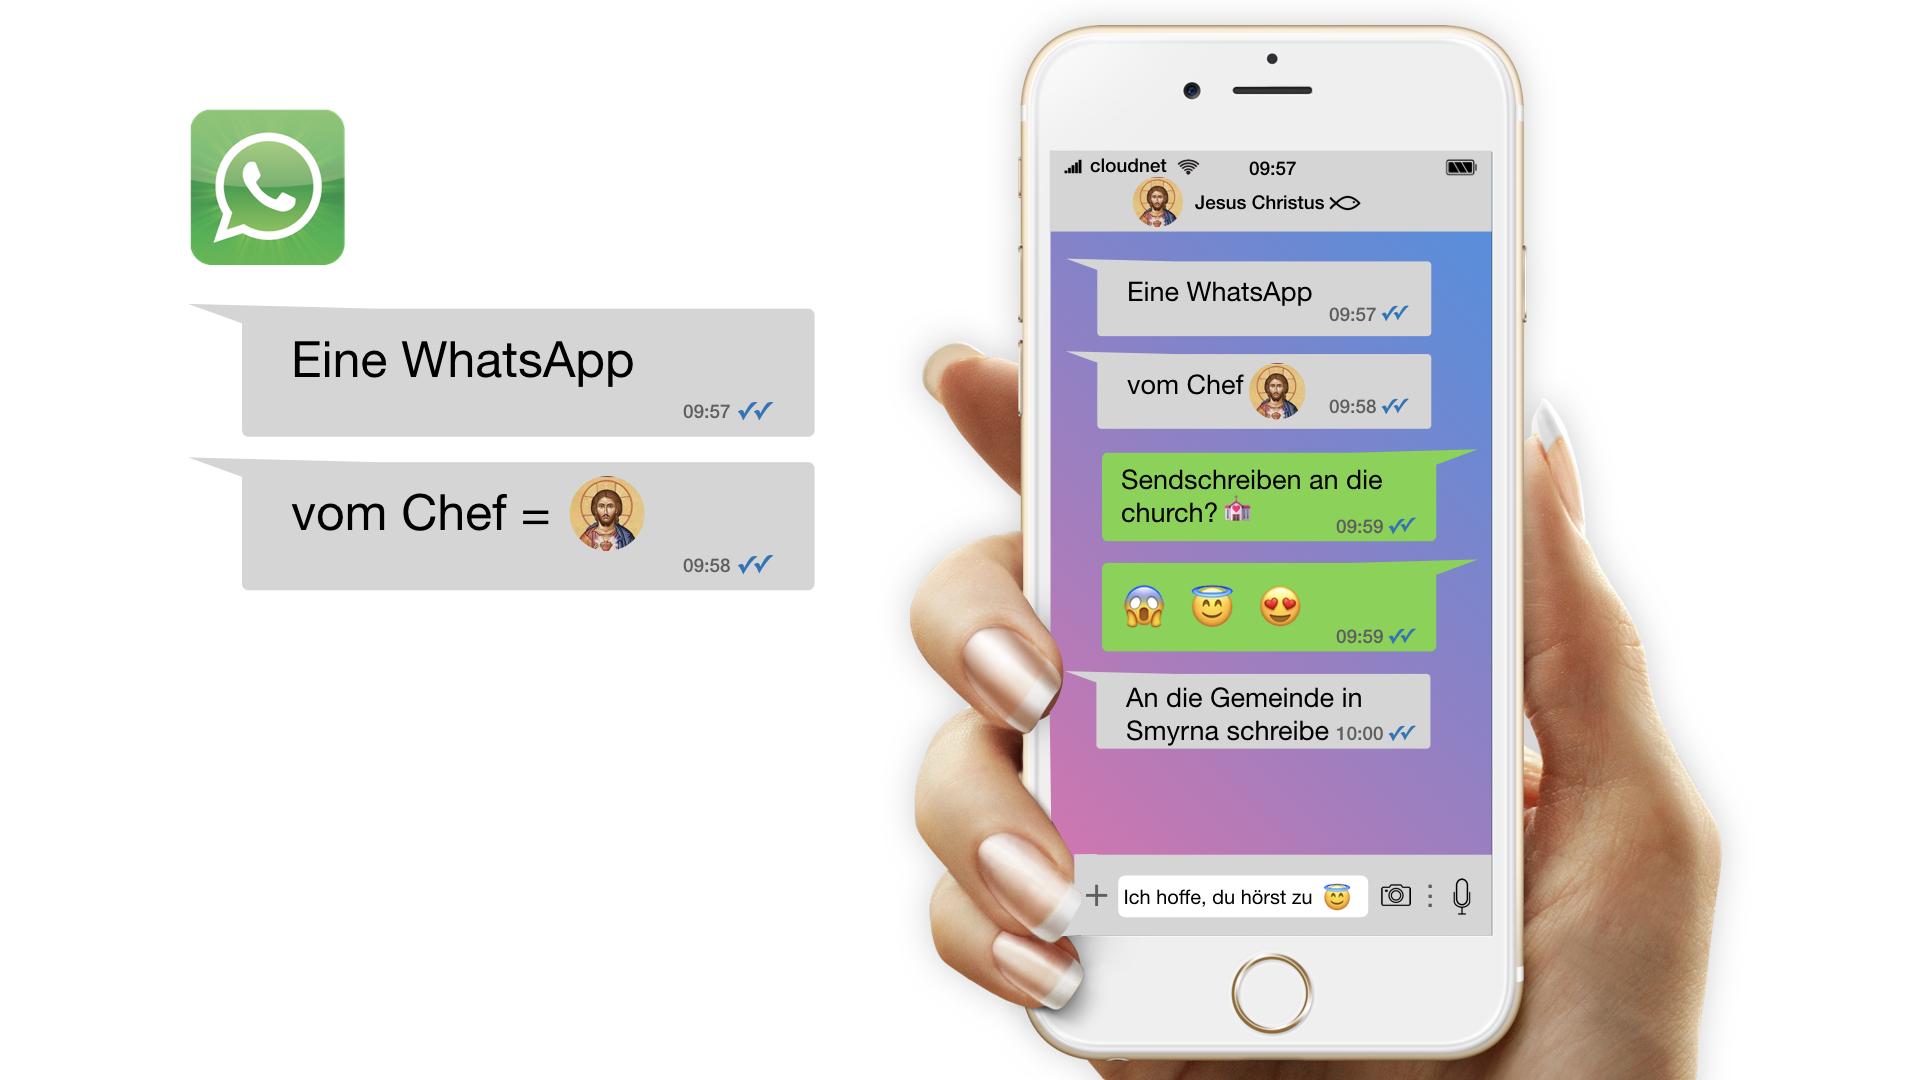 Eine WhatsApp vom Chef / Gemeinde in Smyrna